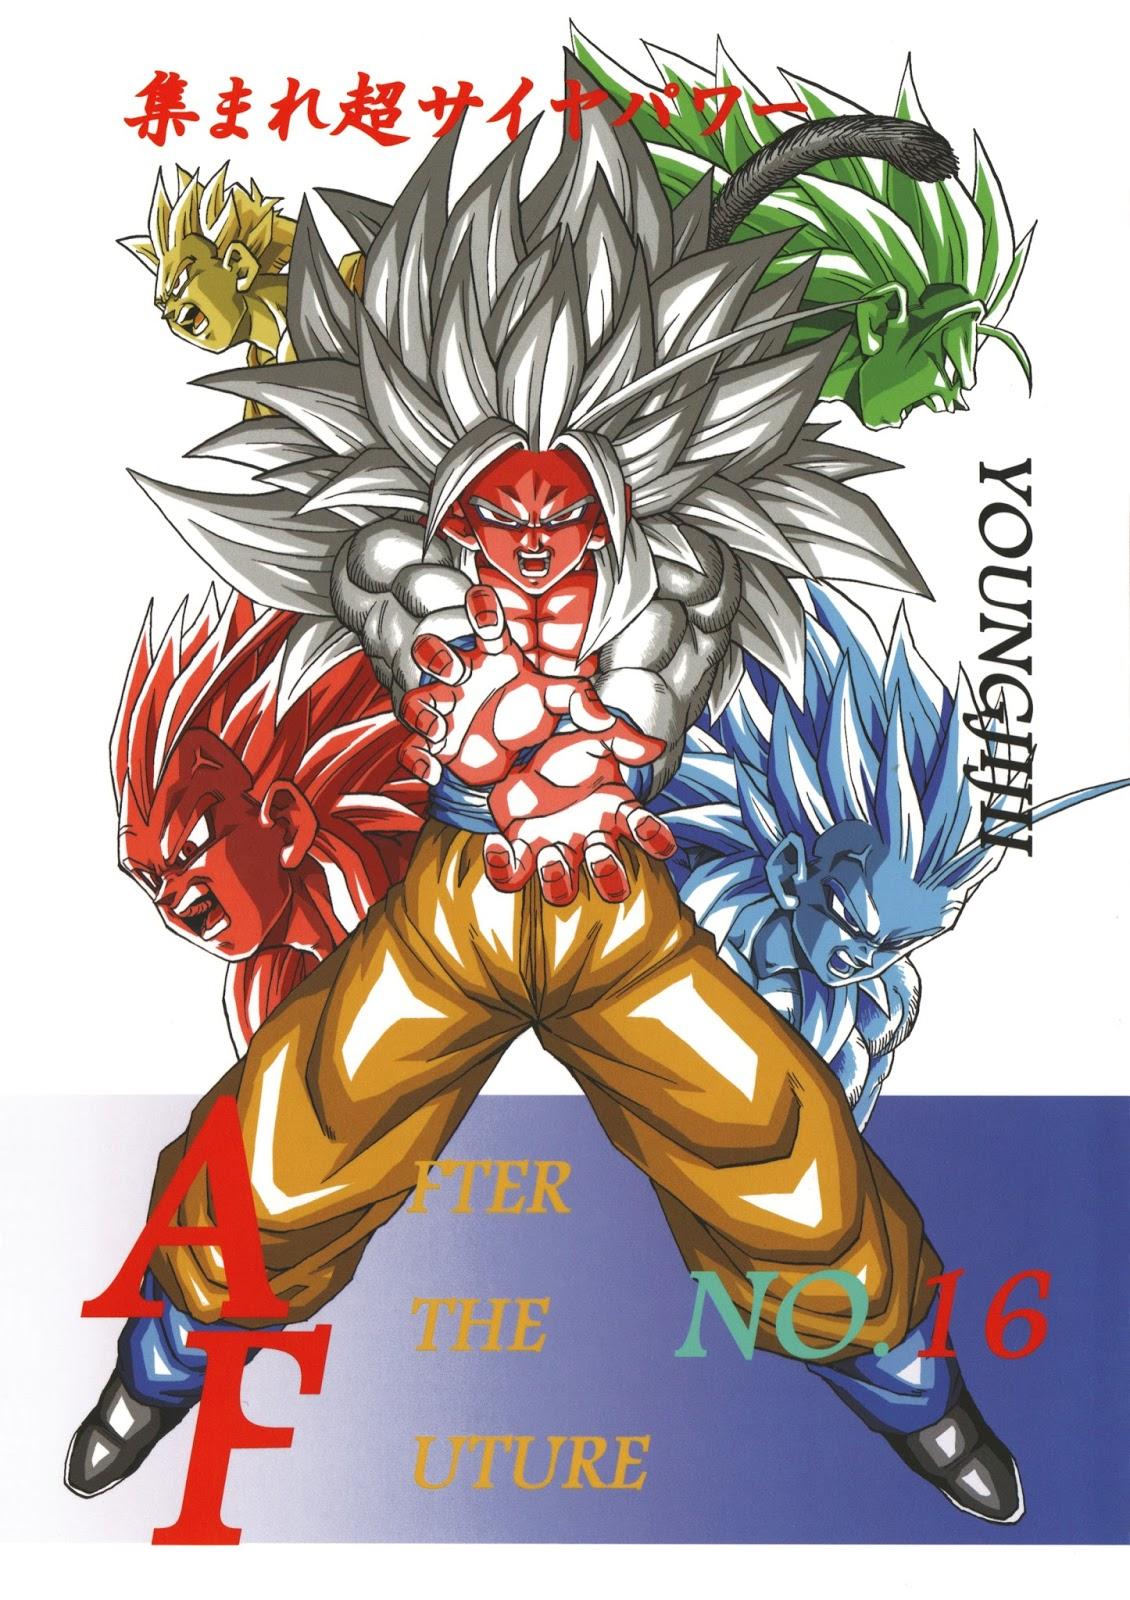 Dragon ball af manga ita download